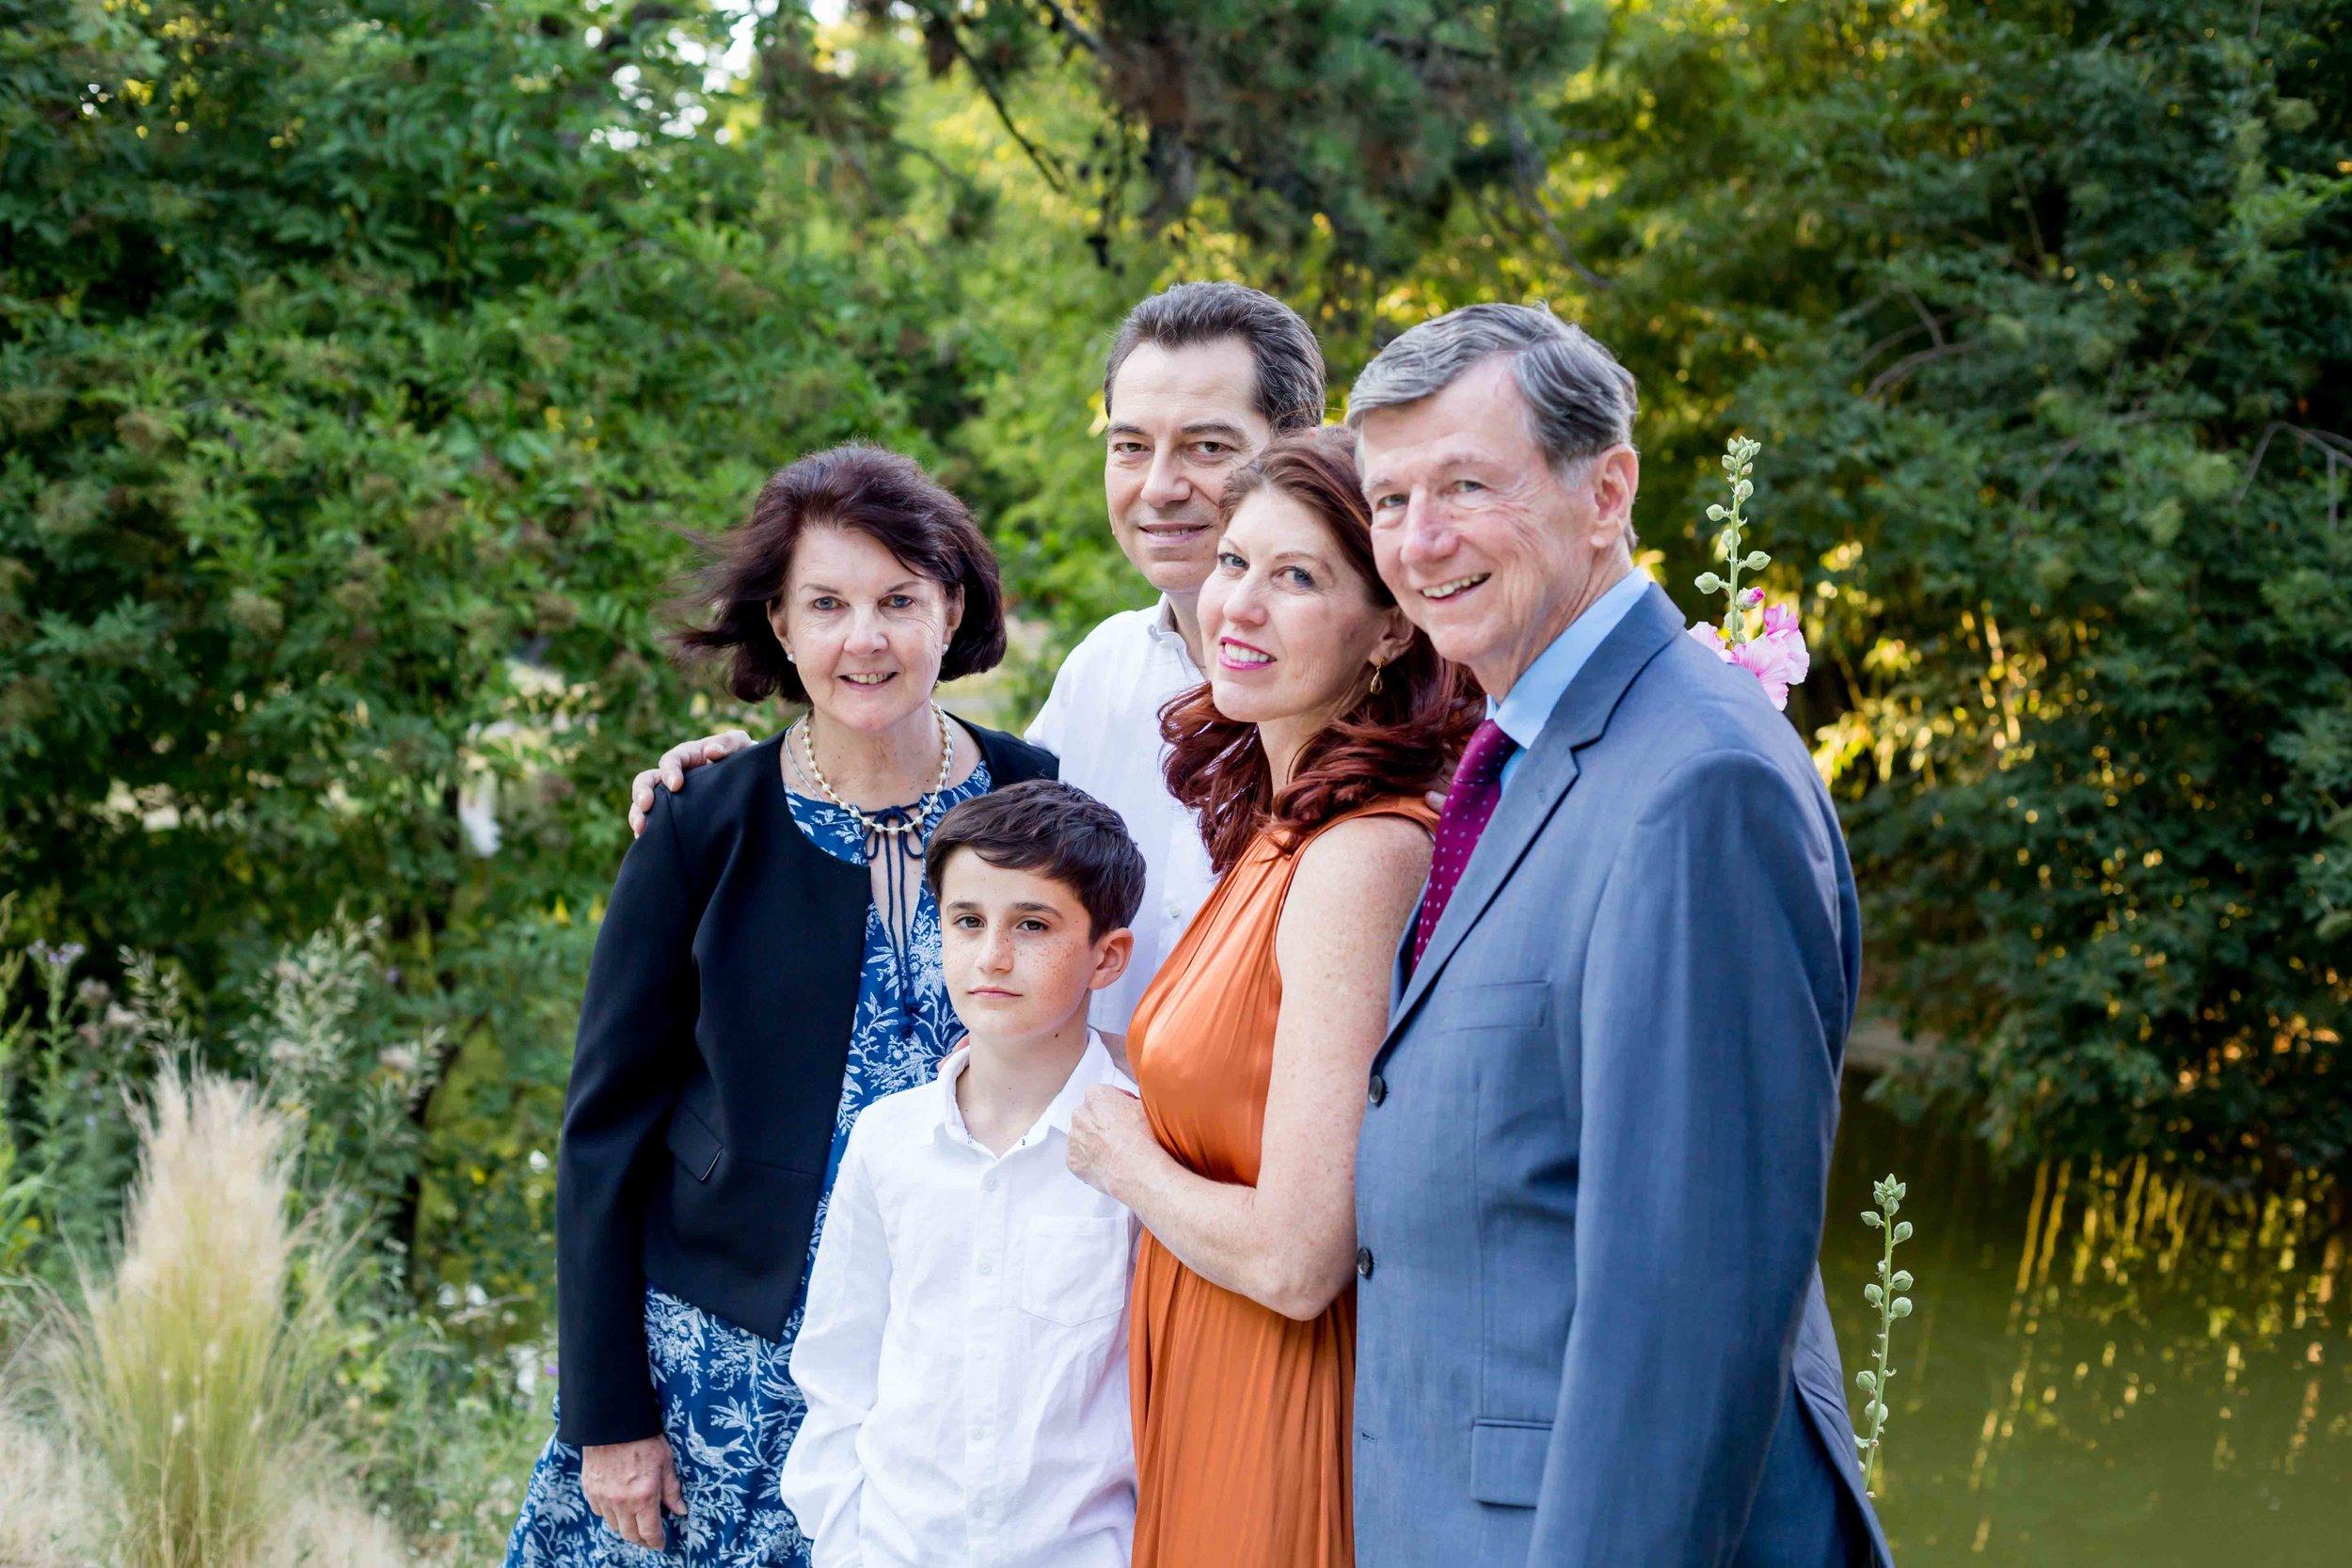 KATHLEEN & FAMILY